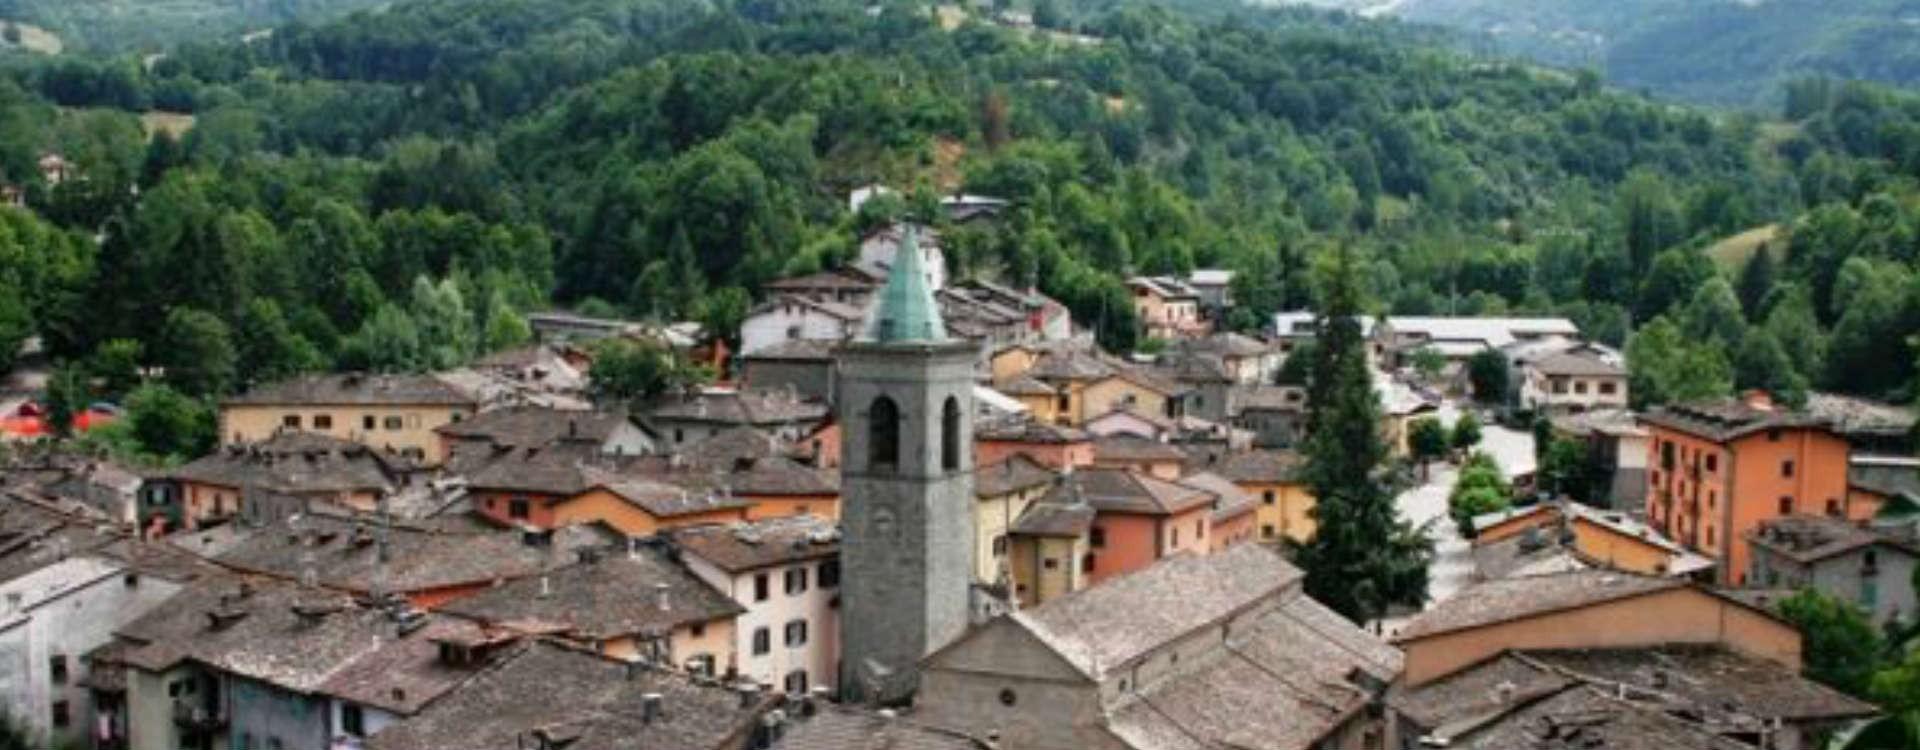 Fiumalbo - il borgo medievale più bello dell'Emilia-Romagna